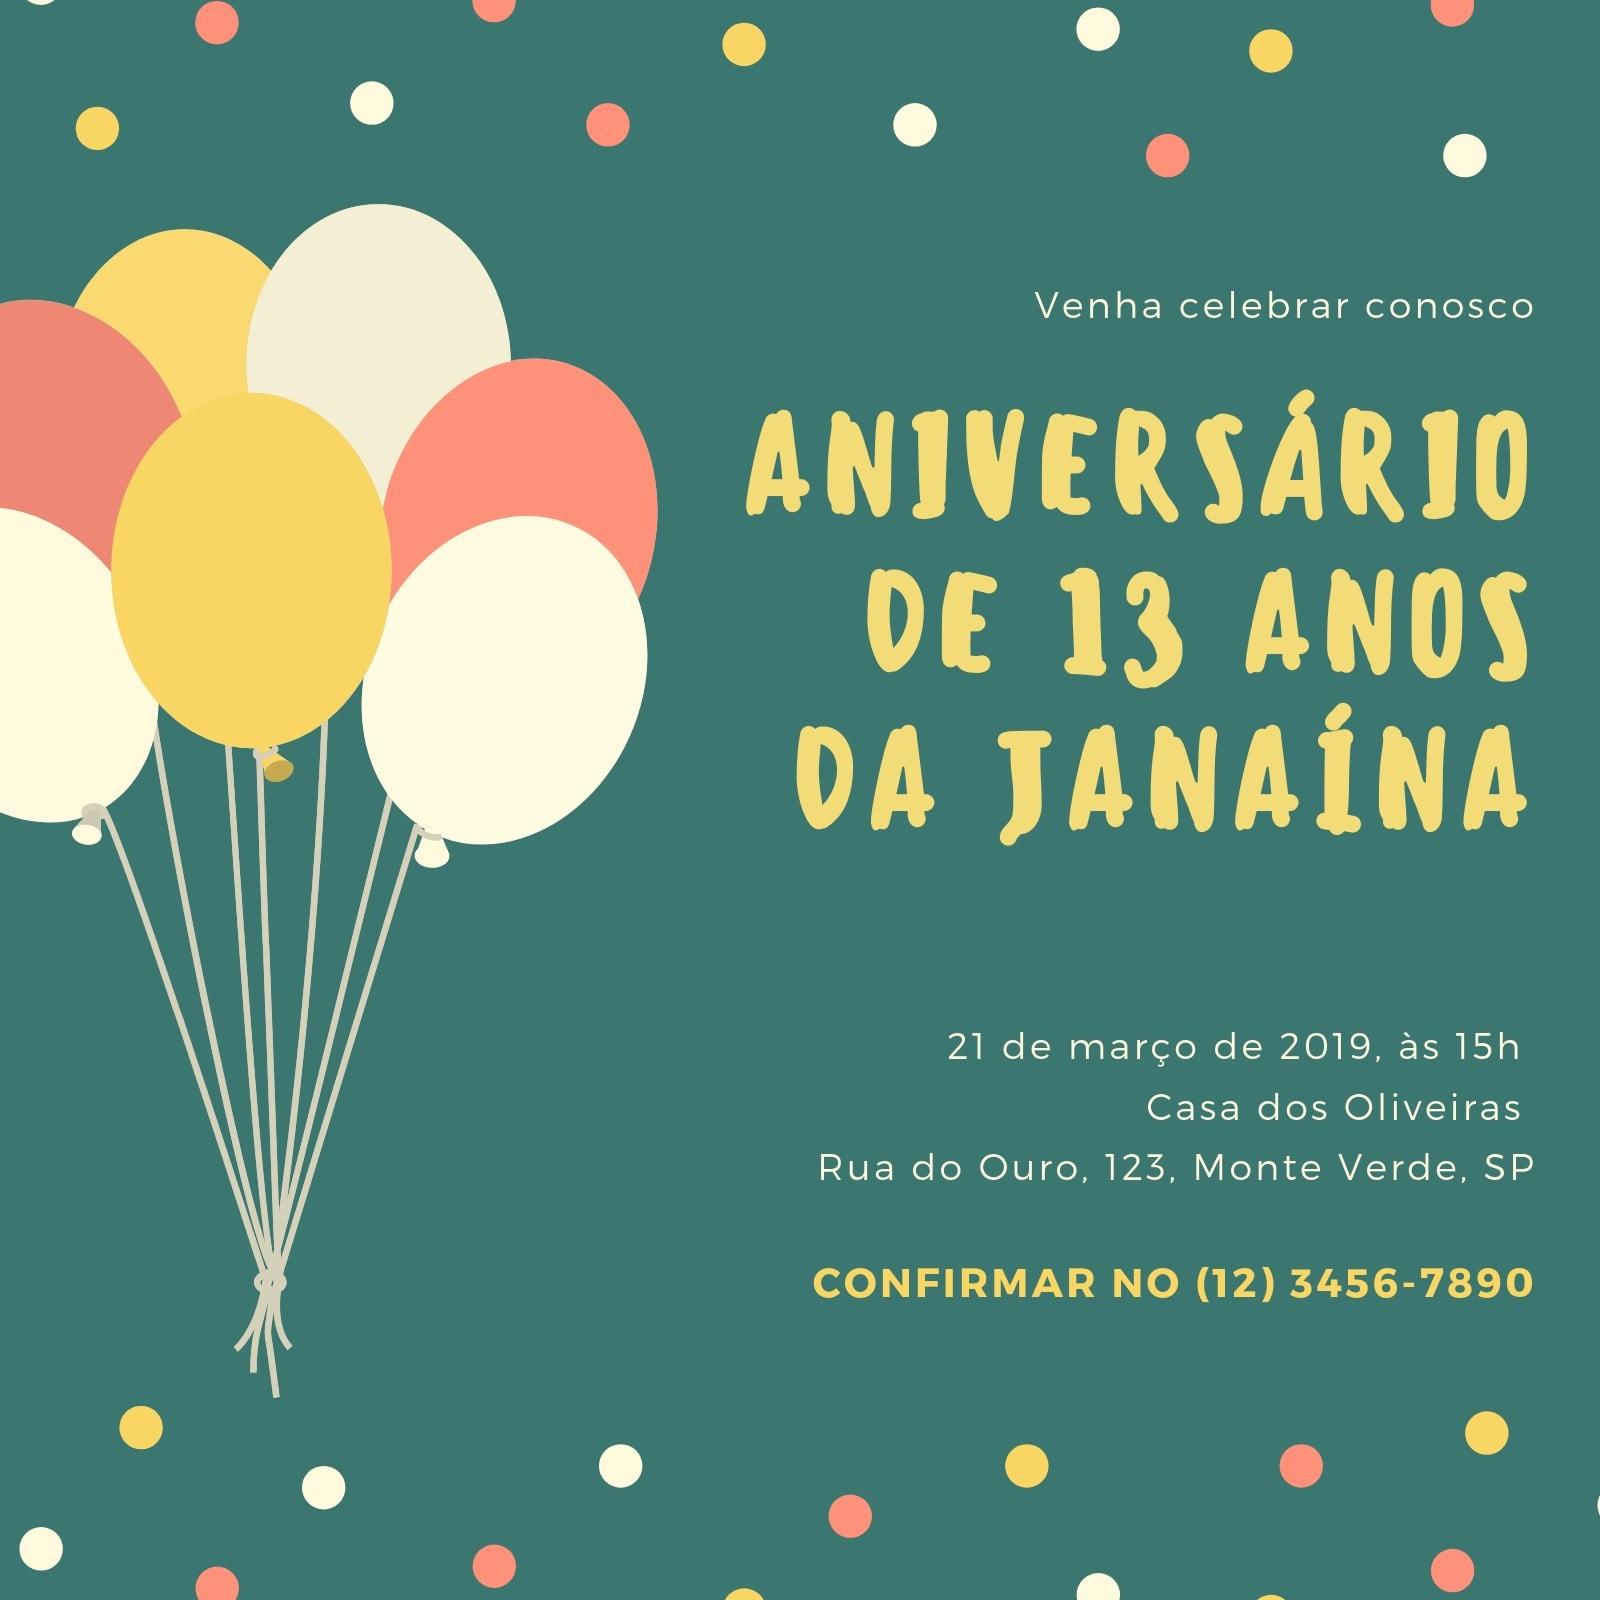 Verde Bolinhas e Balões Aniversário Convite